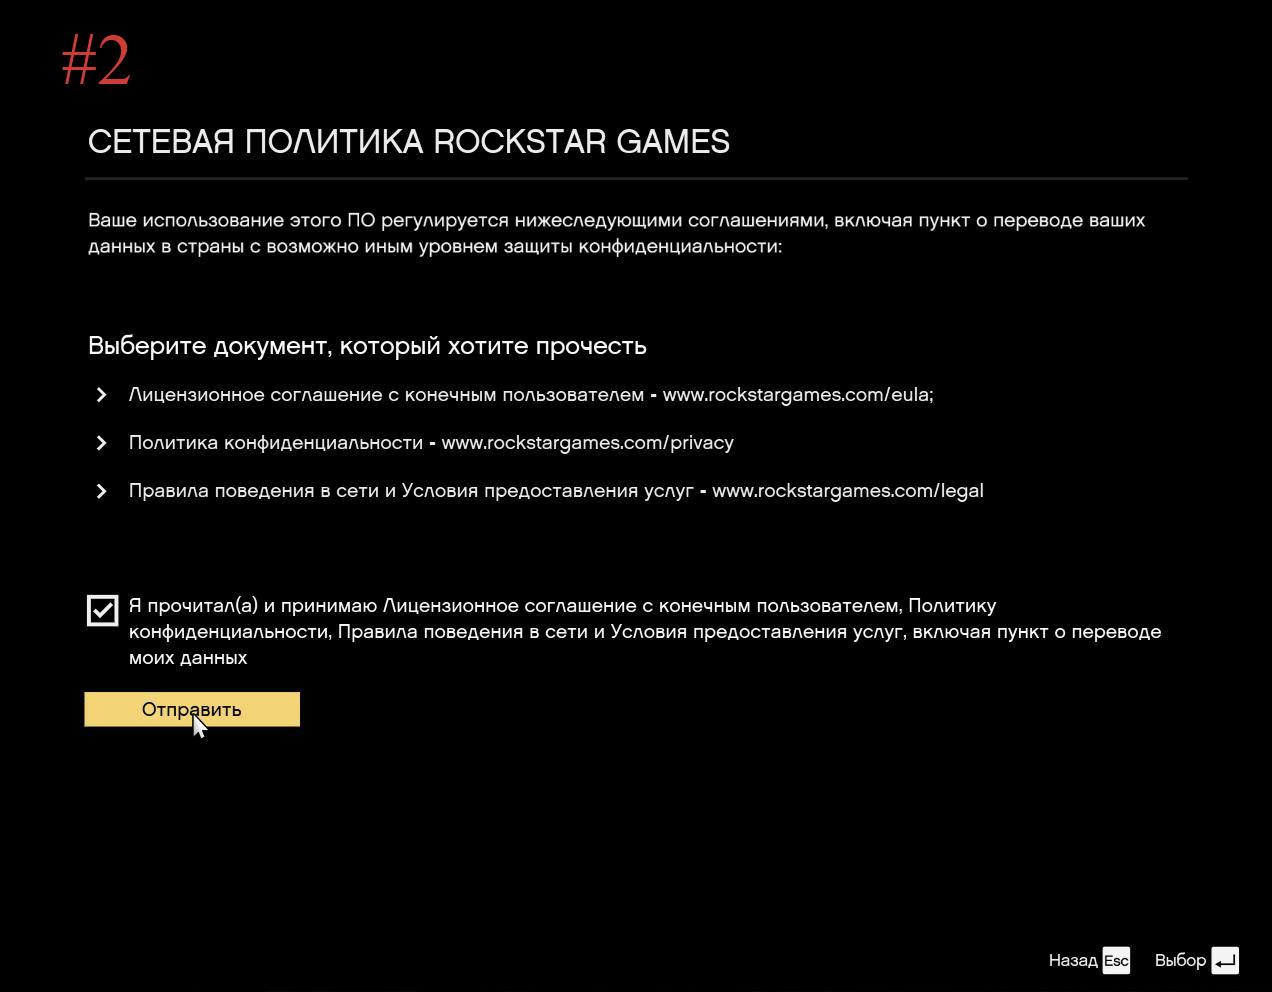 тест хостинга игровых серверов